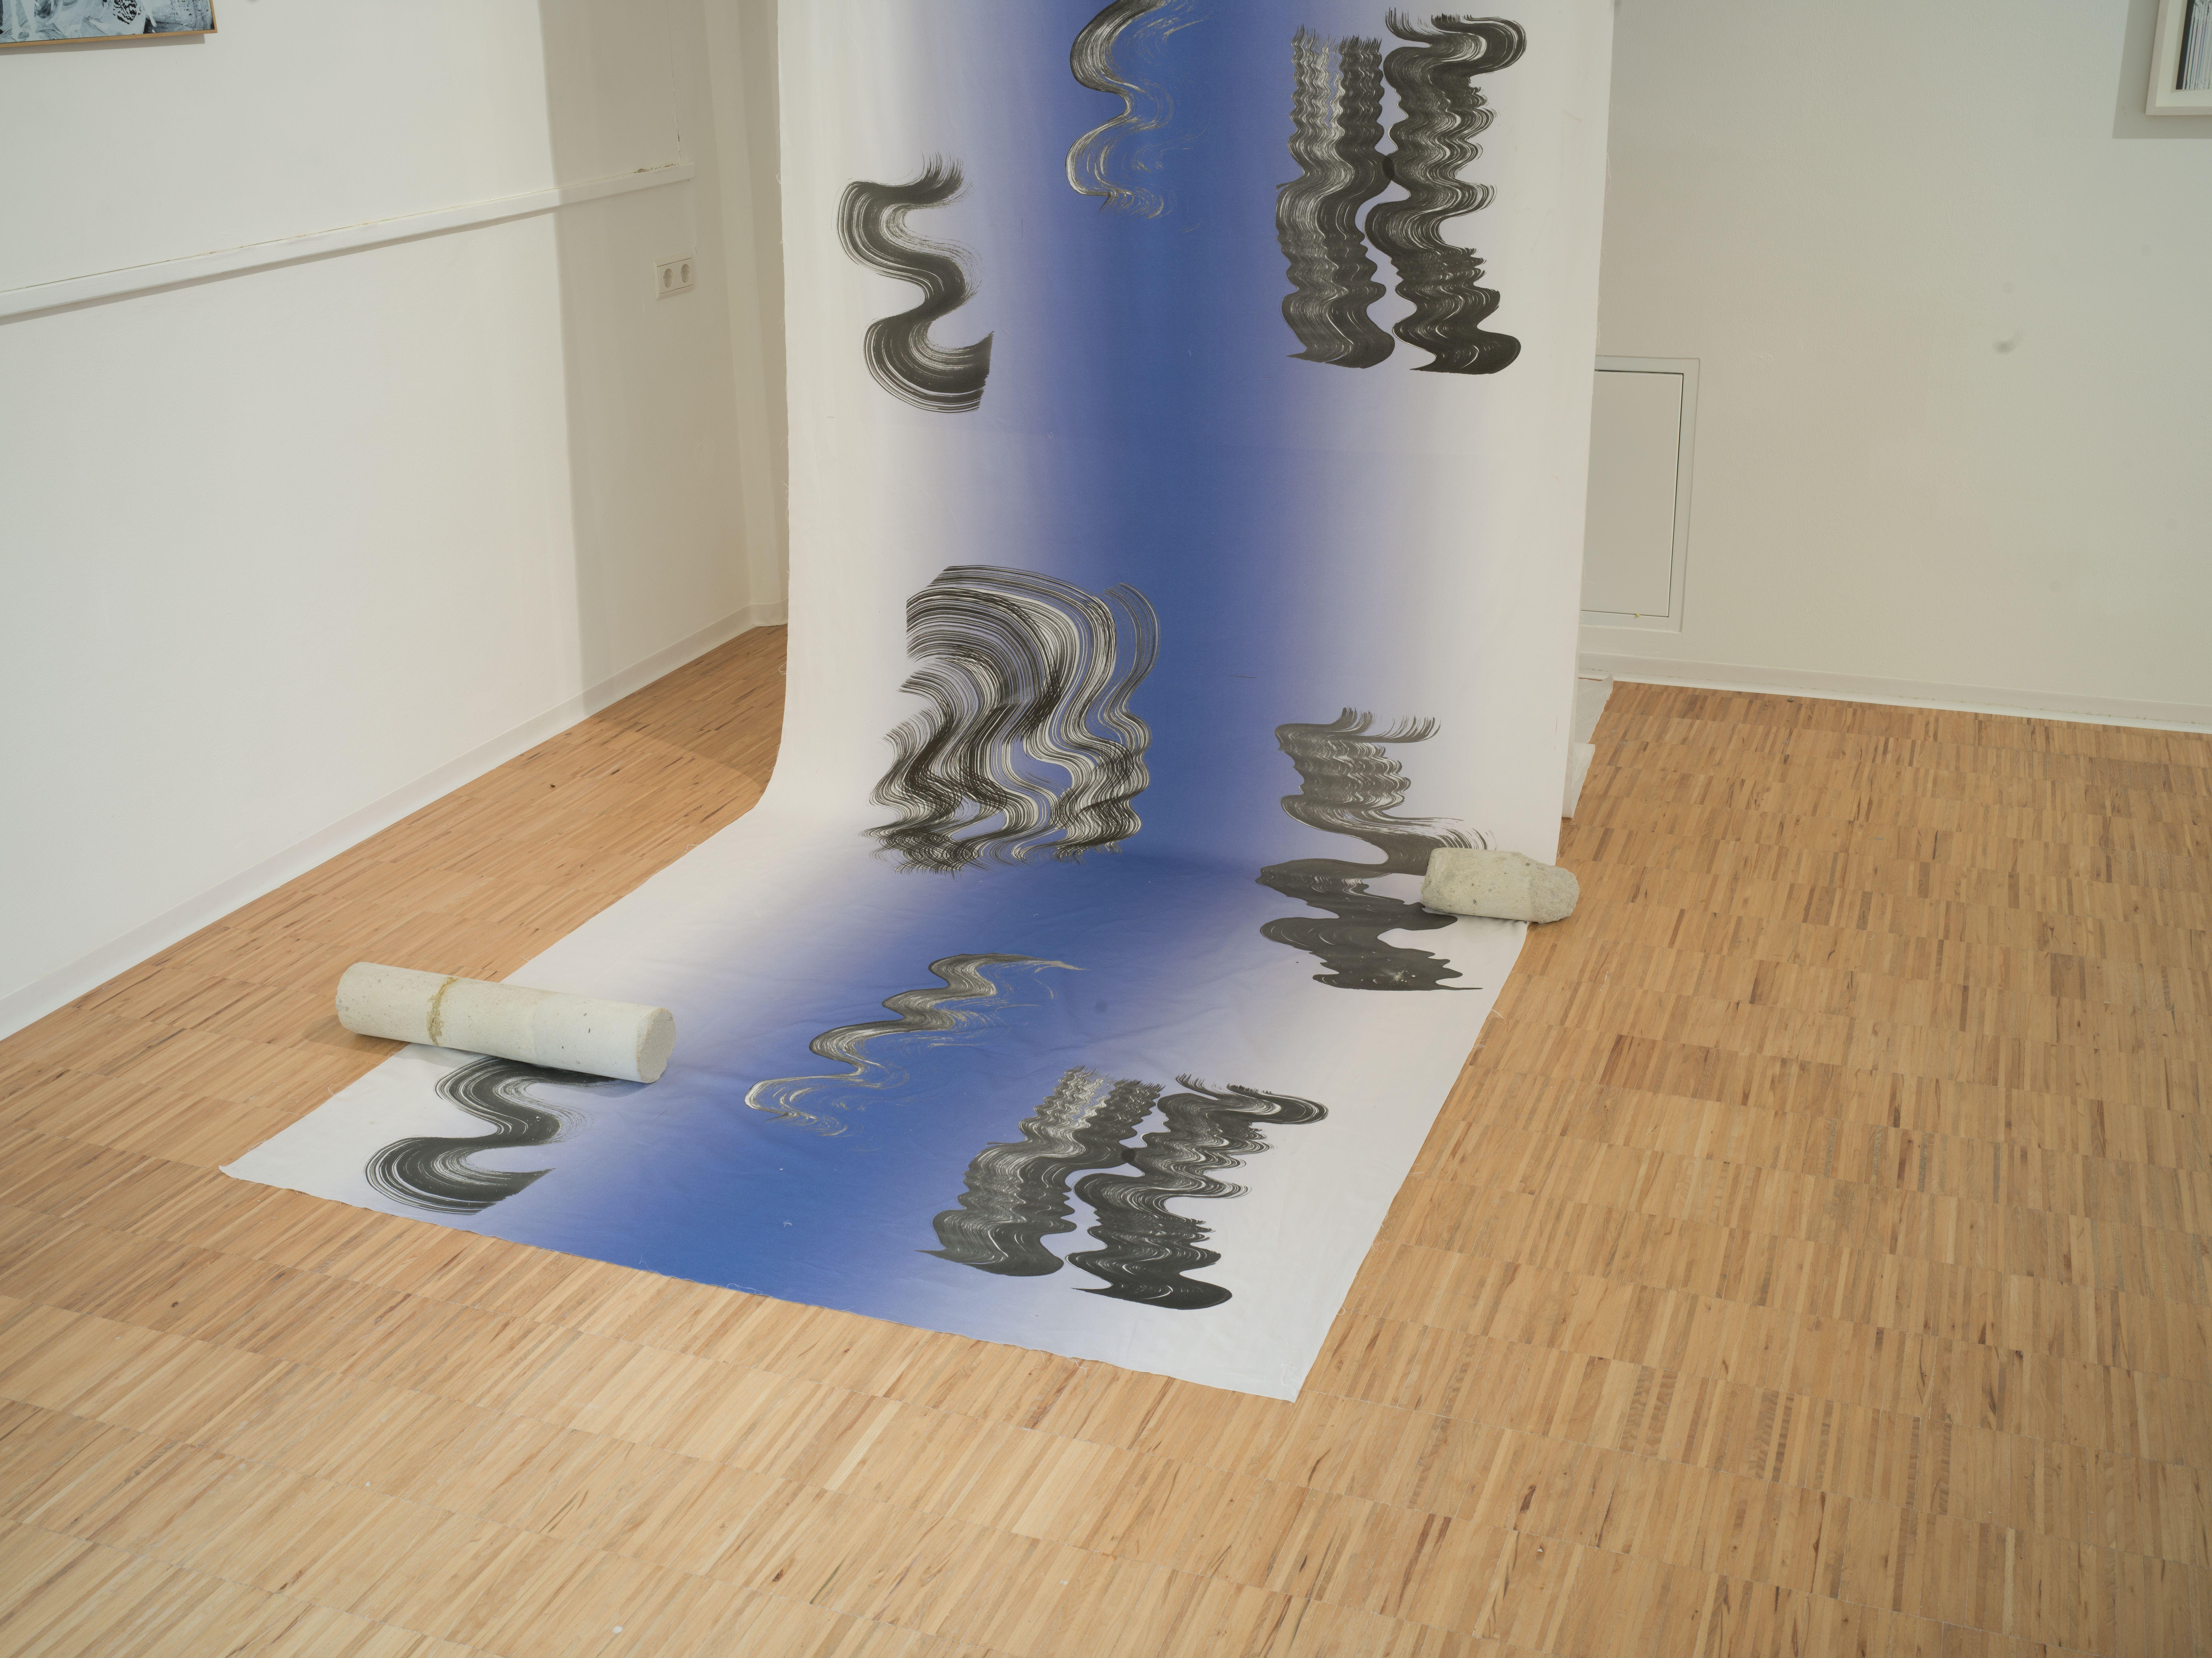 Installazione Art and Textile. A selection by Lottozero